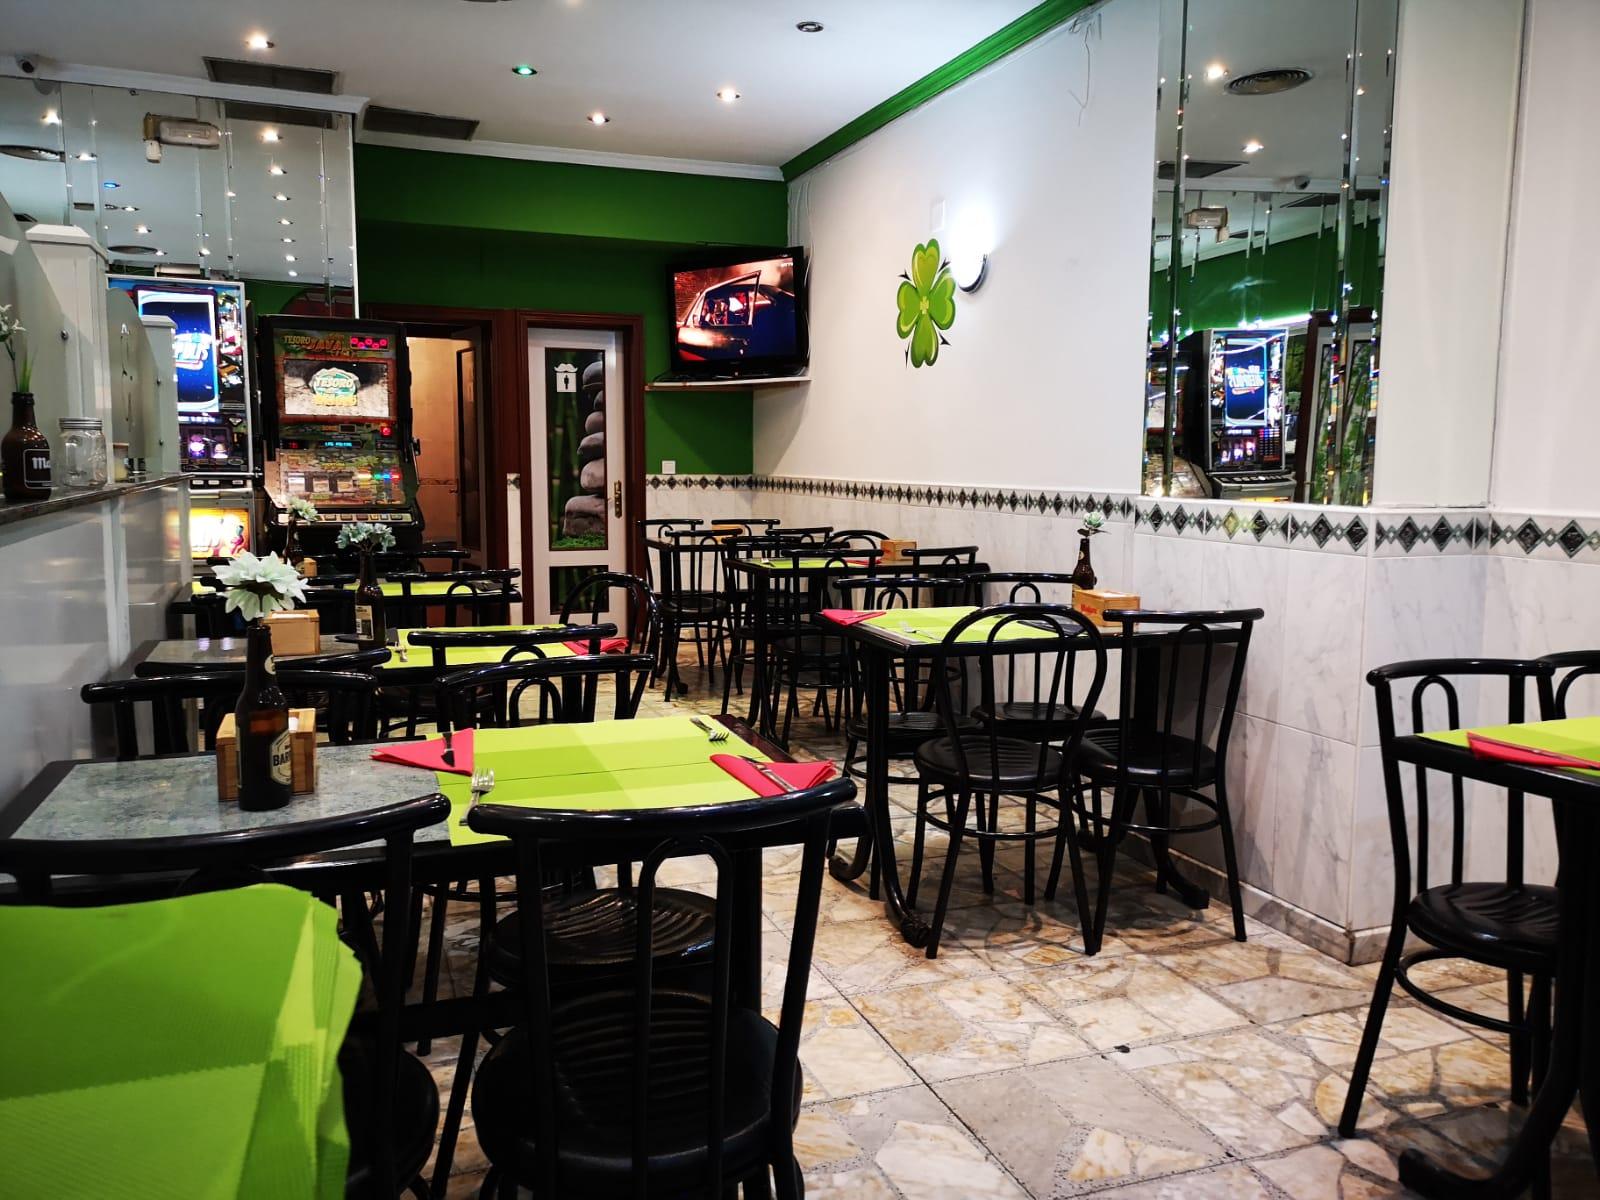 Entrevista y reportaje a El nuevo Trébol, local en el que disfrutar de lo mejor de la gastronomia tradicional en Móstoles